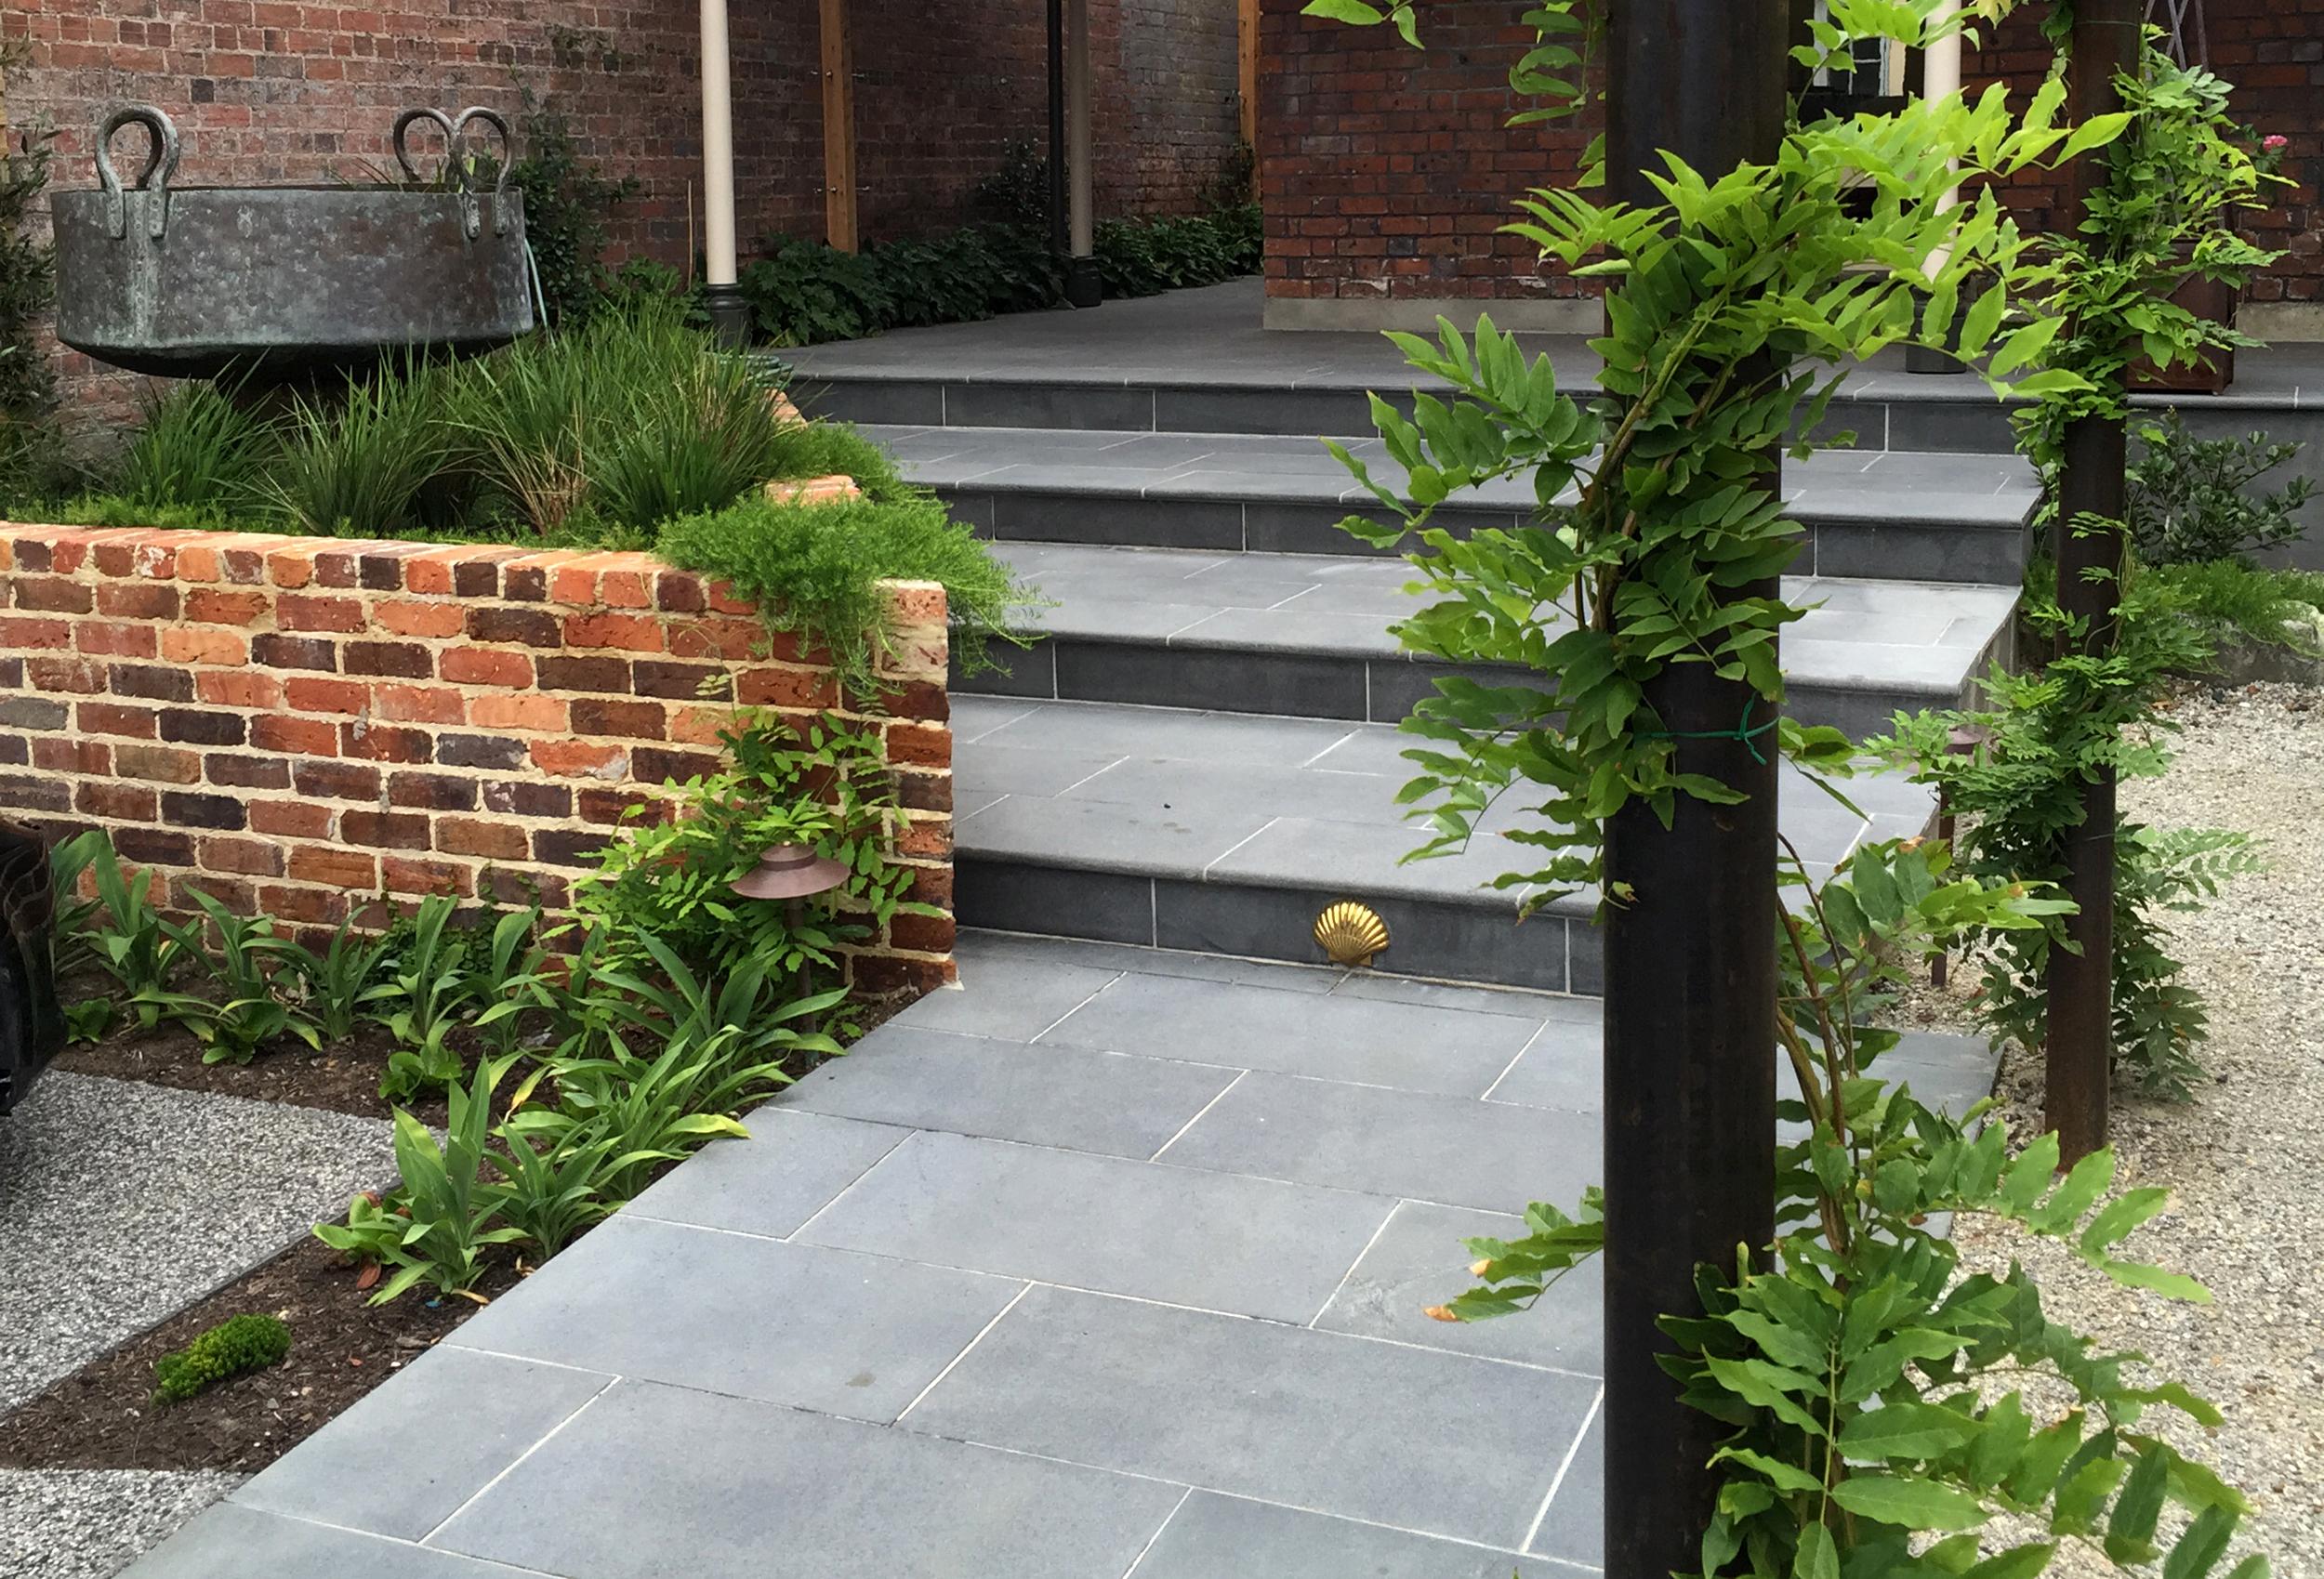 Sandblasted Black Granite on Steps